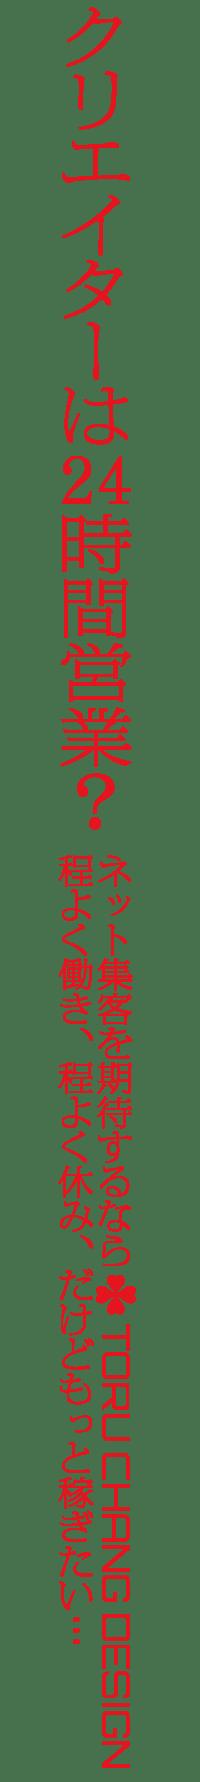 クリエイターは24時間営業?【TORU CHANG DESIGN】ネット集客・サロン集客|WordPressブログ・ホームページ・WEB・HP制作|ロゴマーク|Google/SEO対策